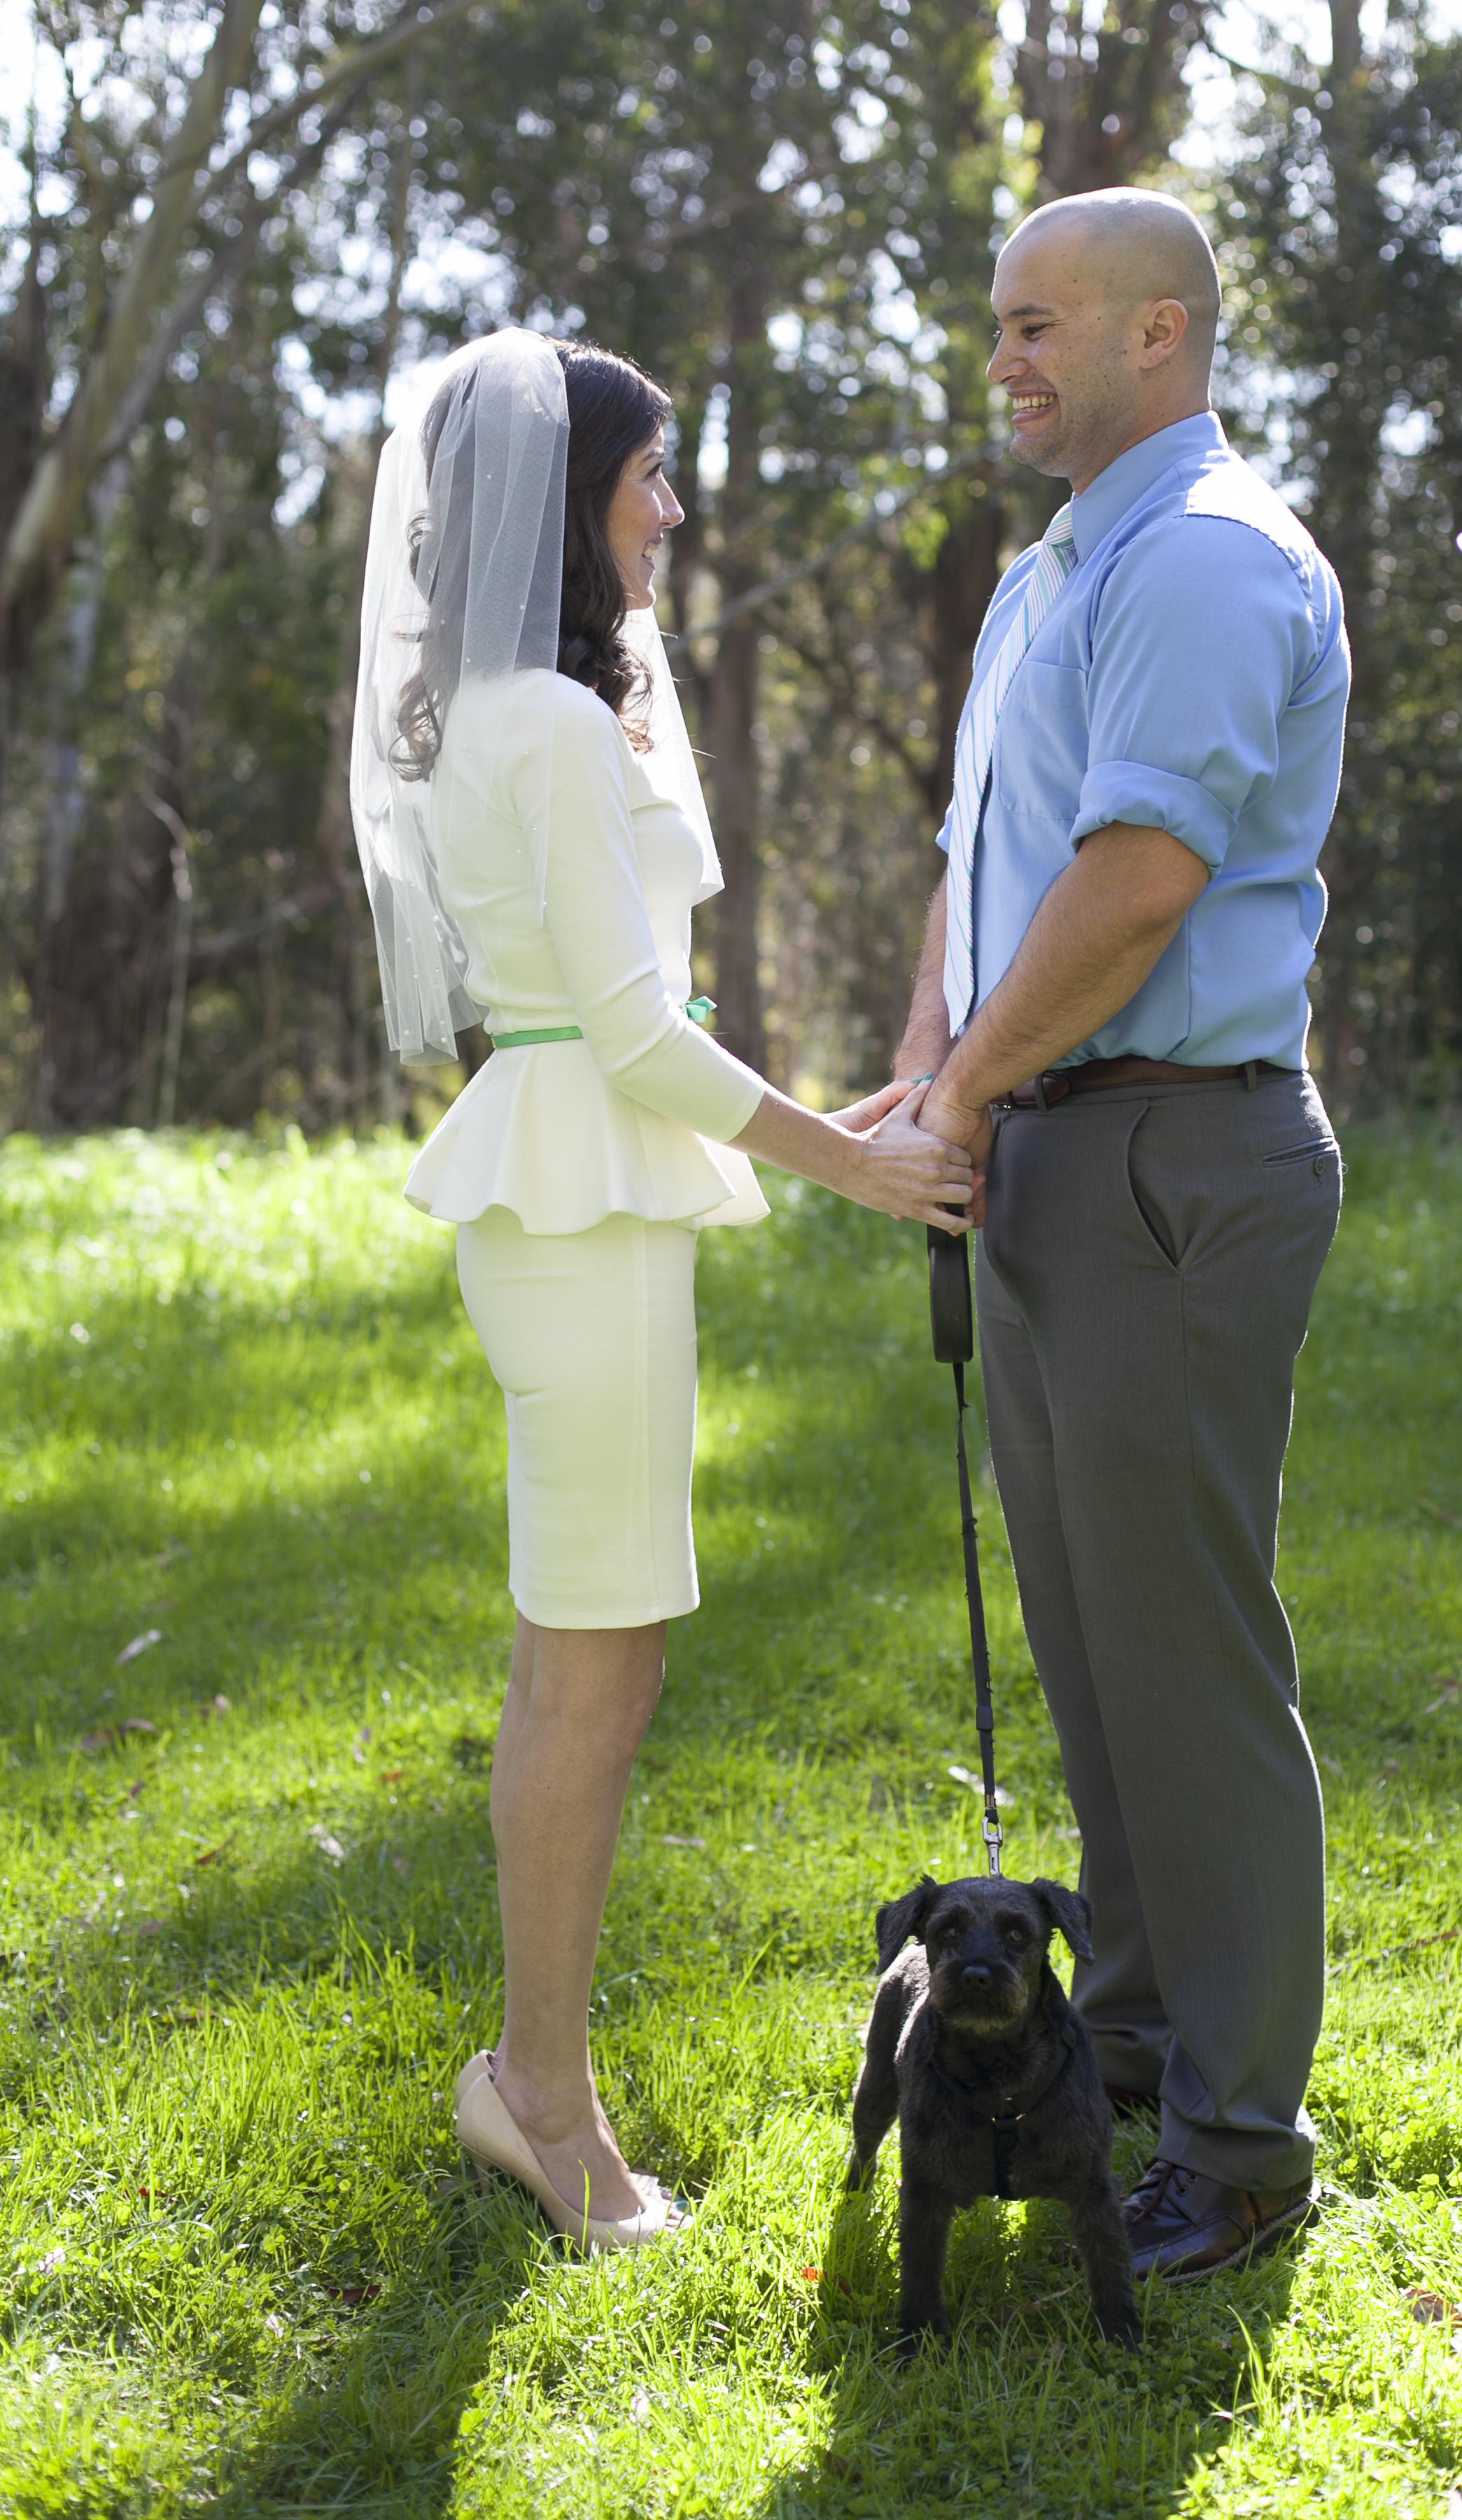 Tilden Park Berkeley Wedding Photographer-Meo Baaklini006.jpg